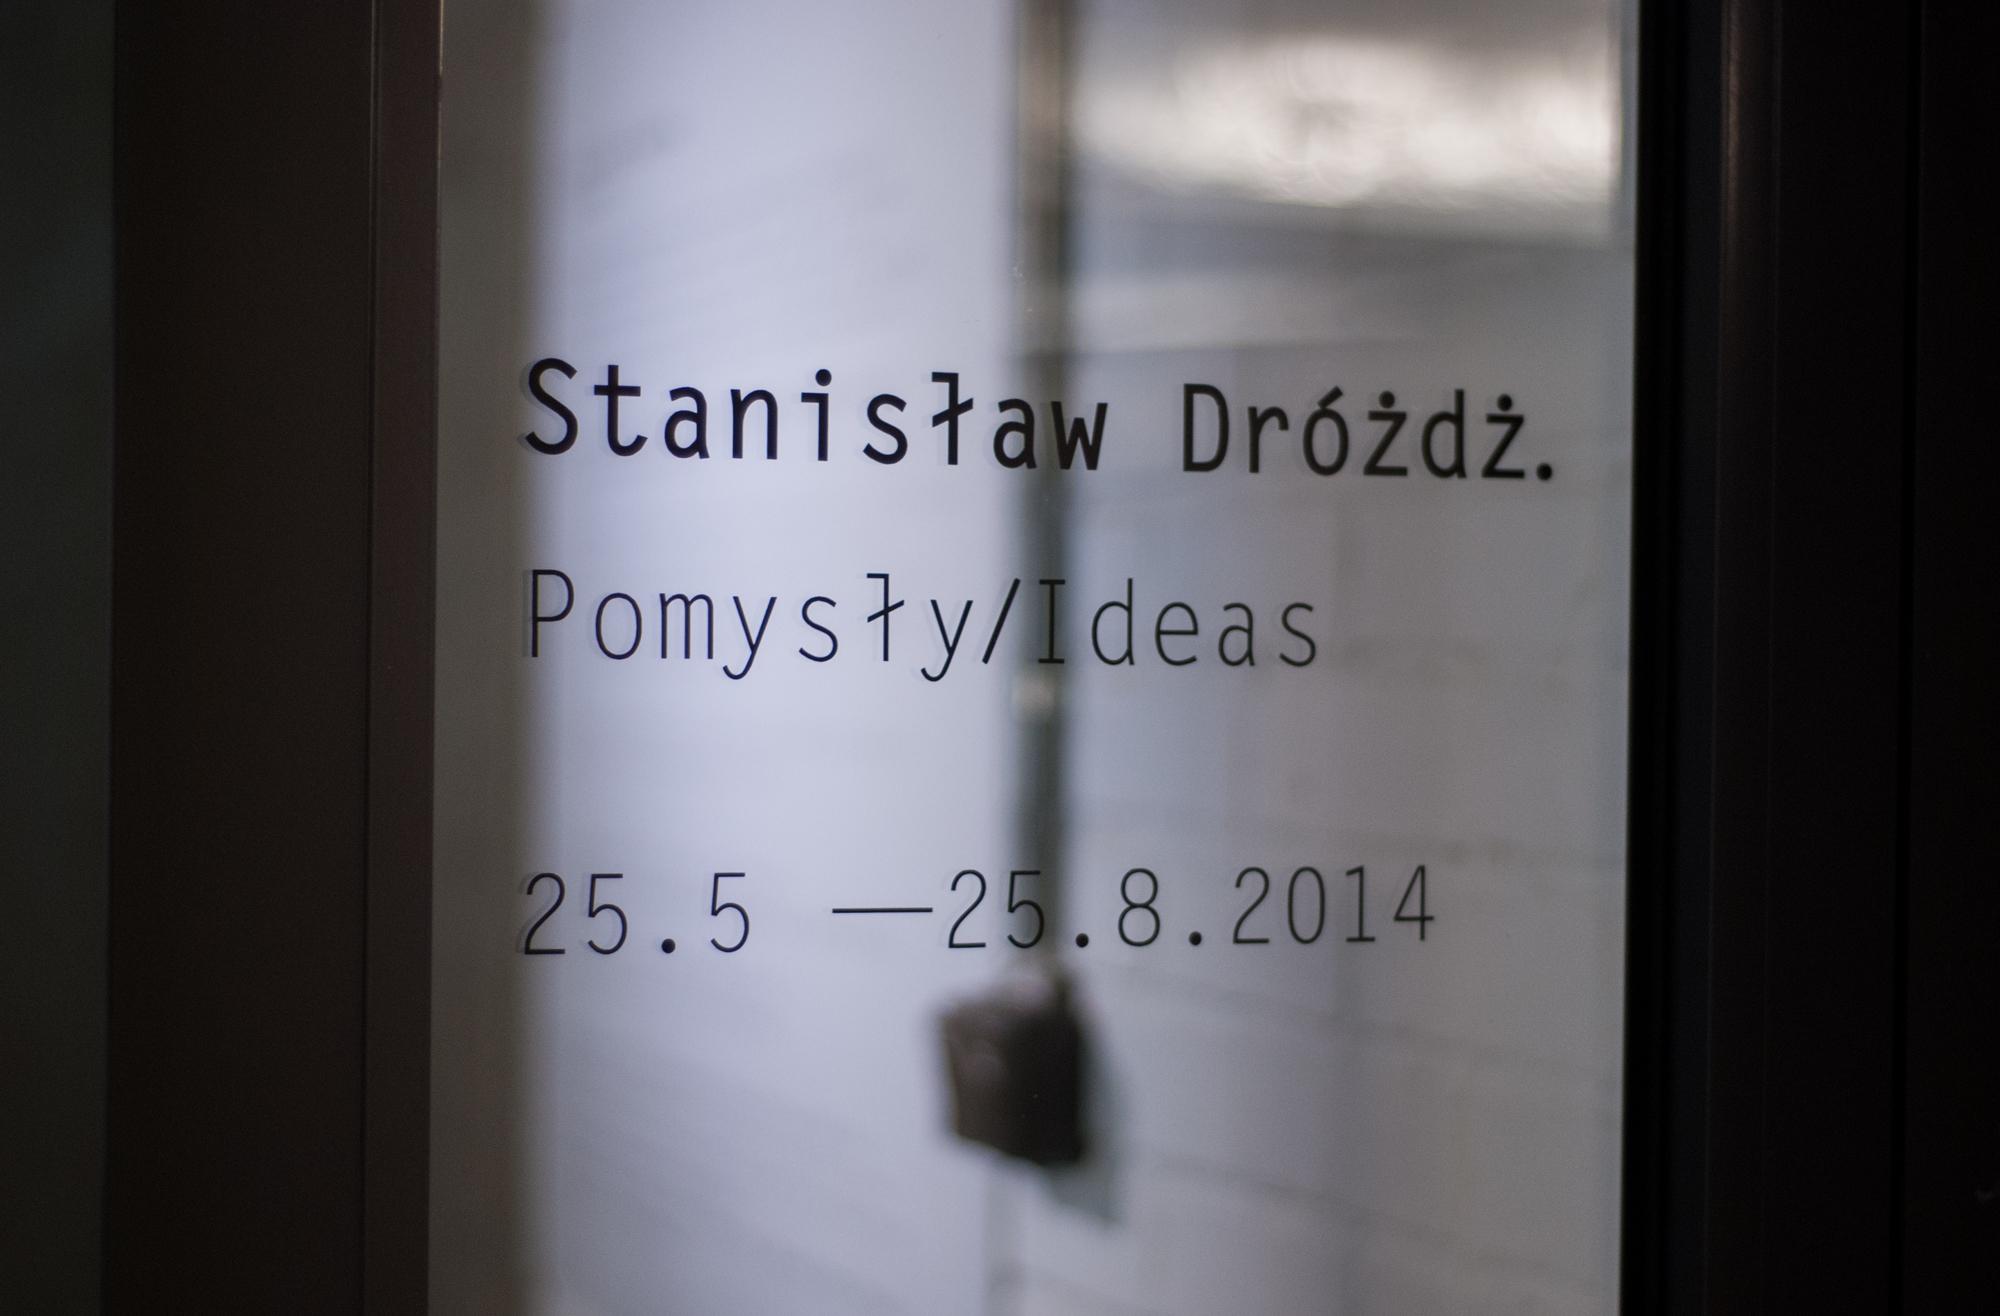 """Stanisław Drożdż, """"Pomysły"""", widok nawystawę"""